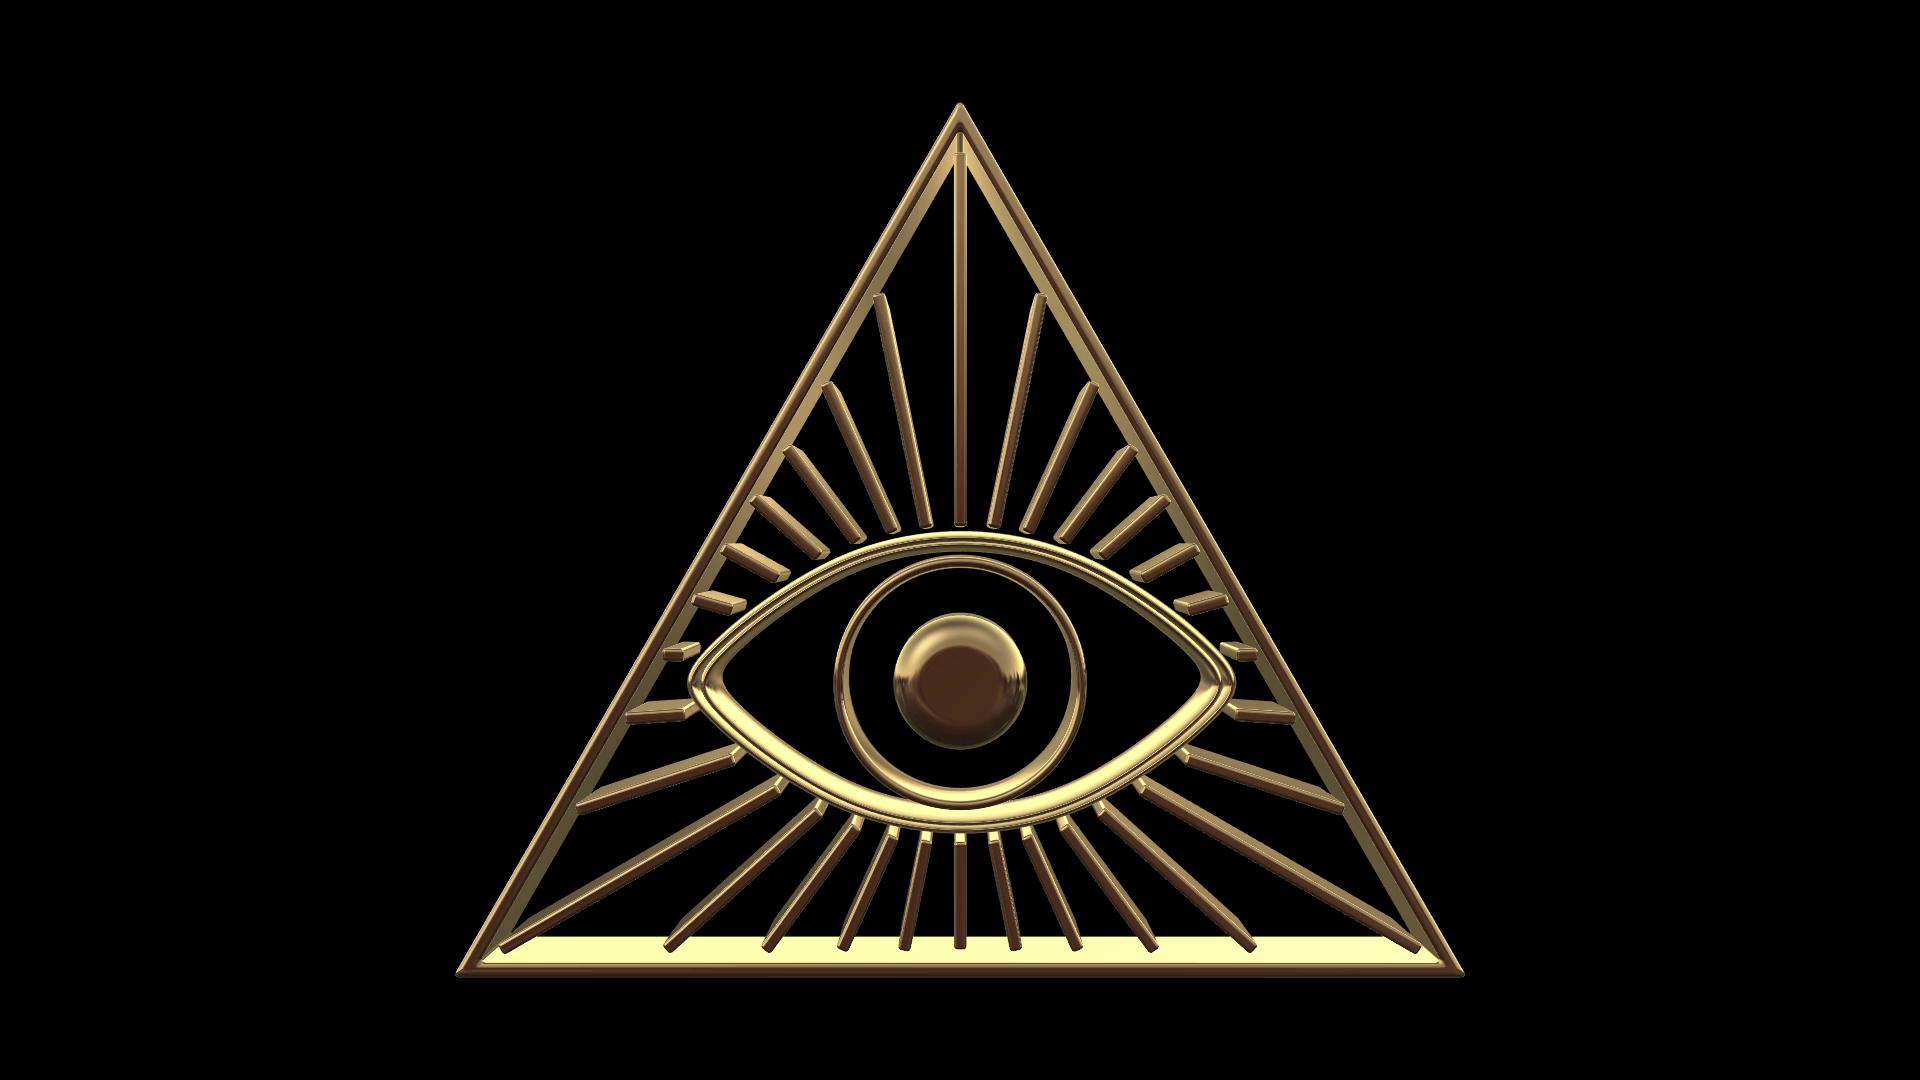 Symbole Illuminati